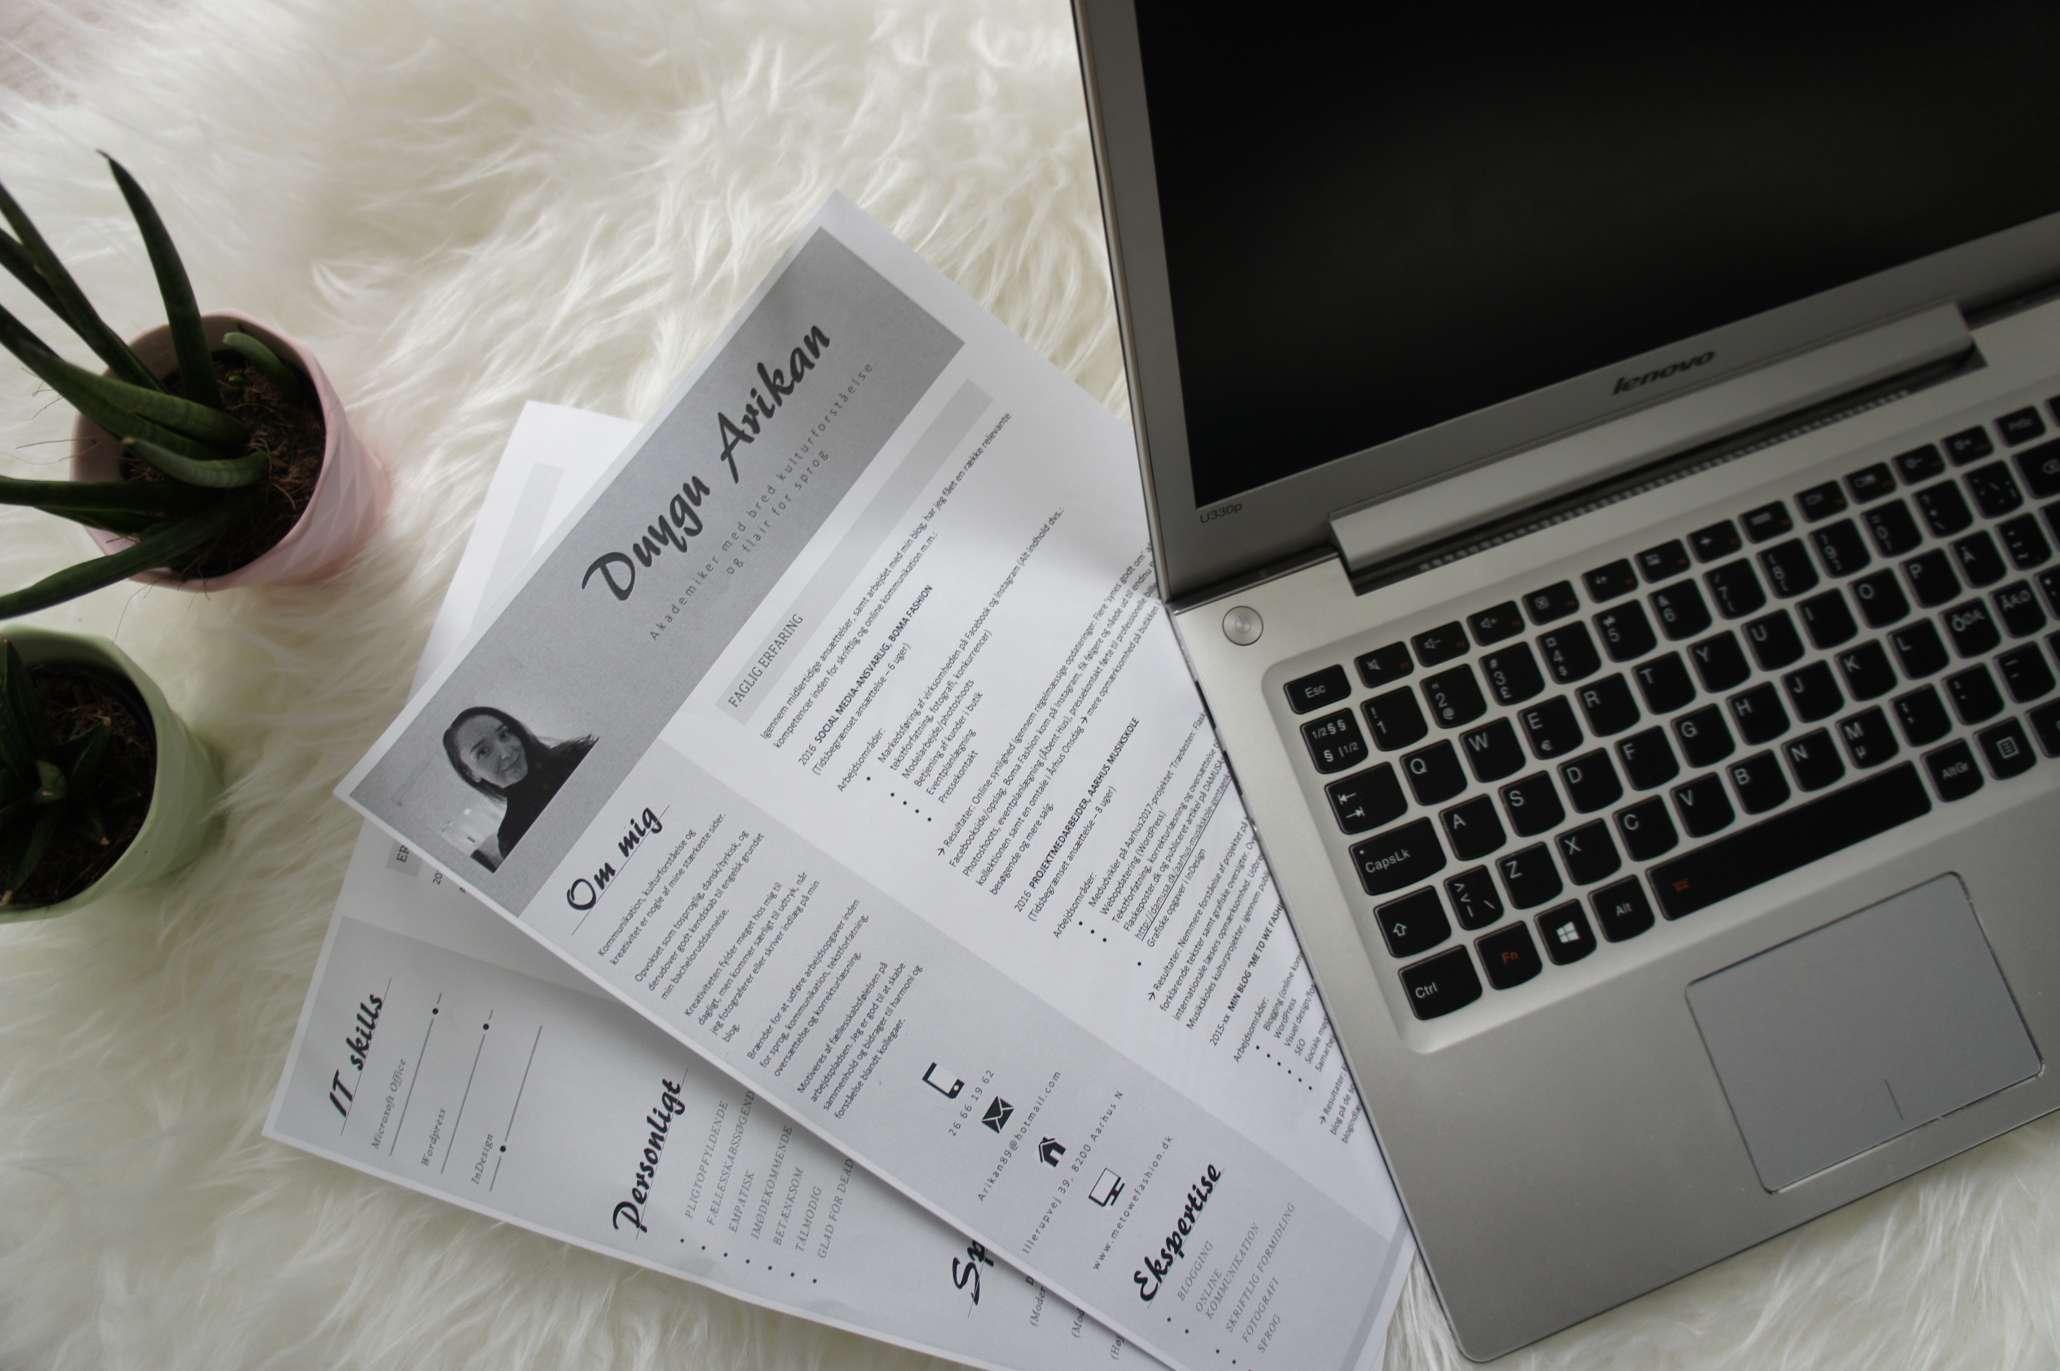 jobsøgning-hjælp-tips